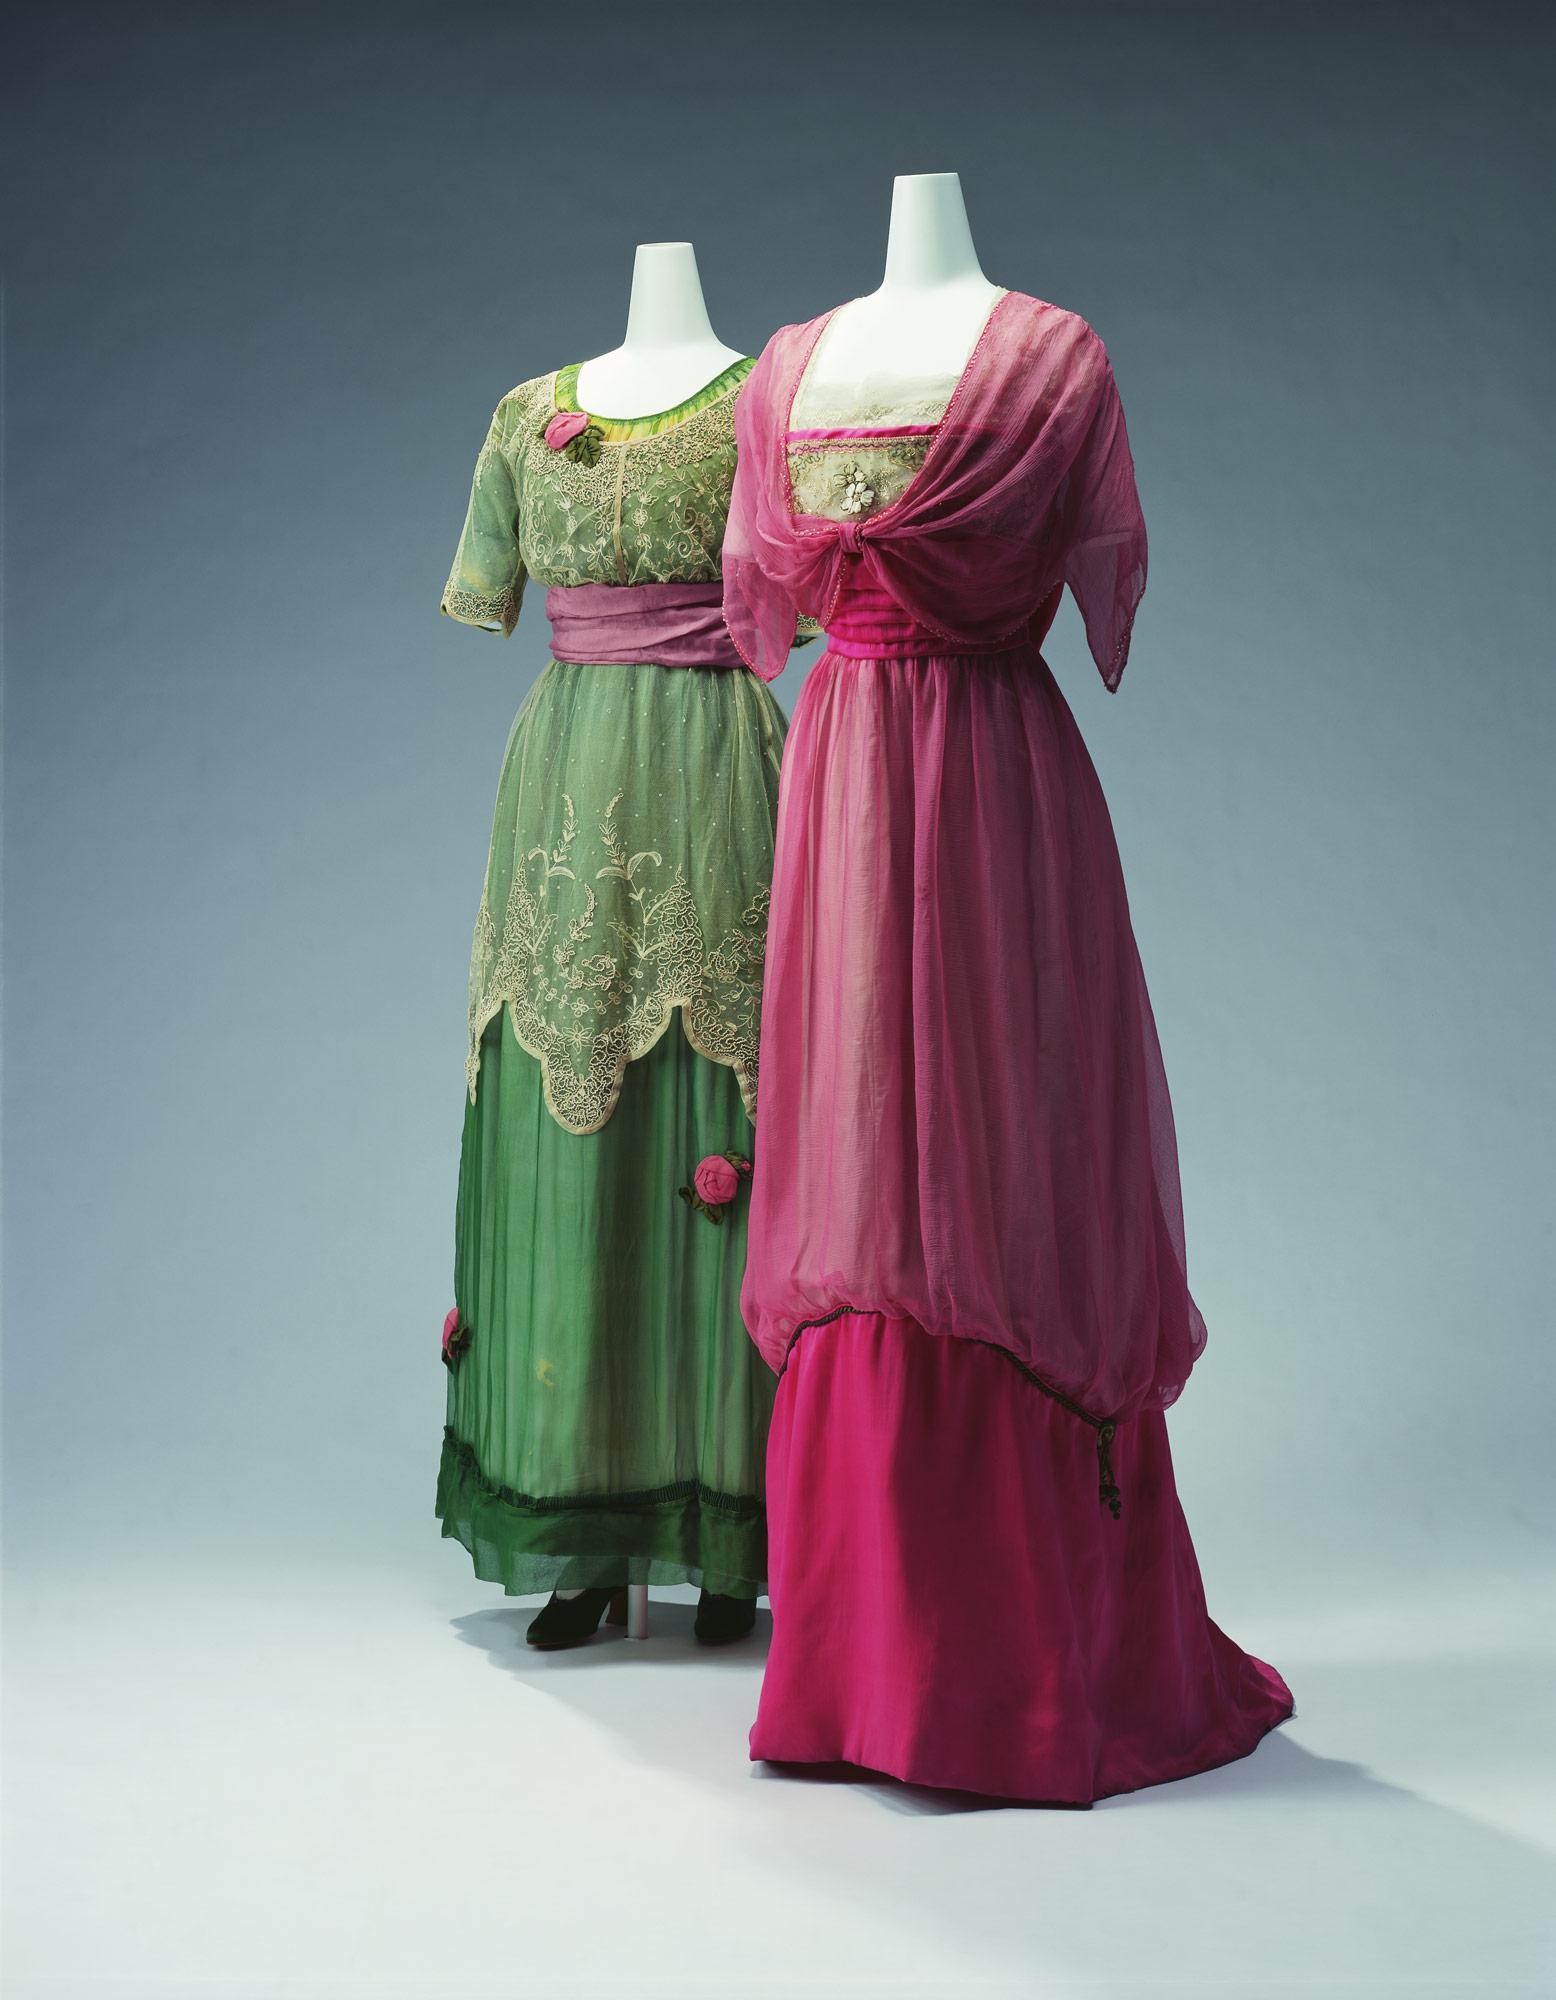 Evening Dress [Left] Evening Dress [Right]